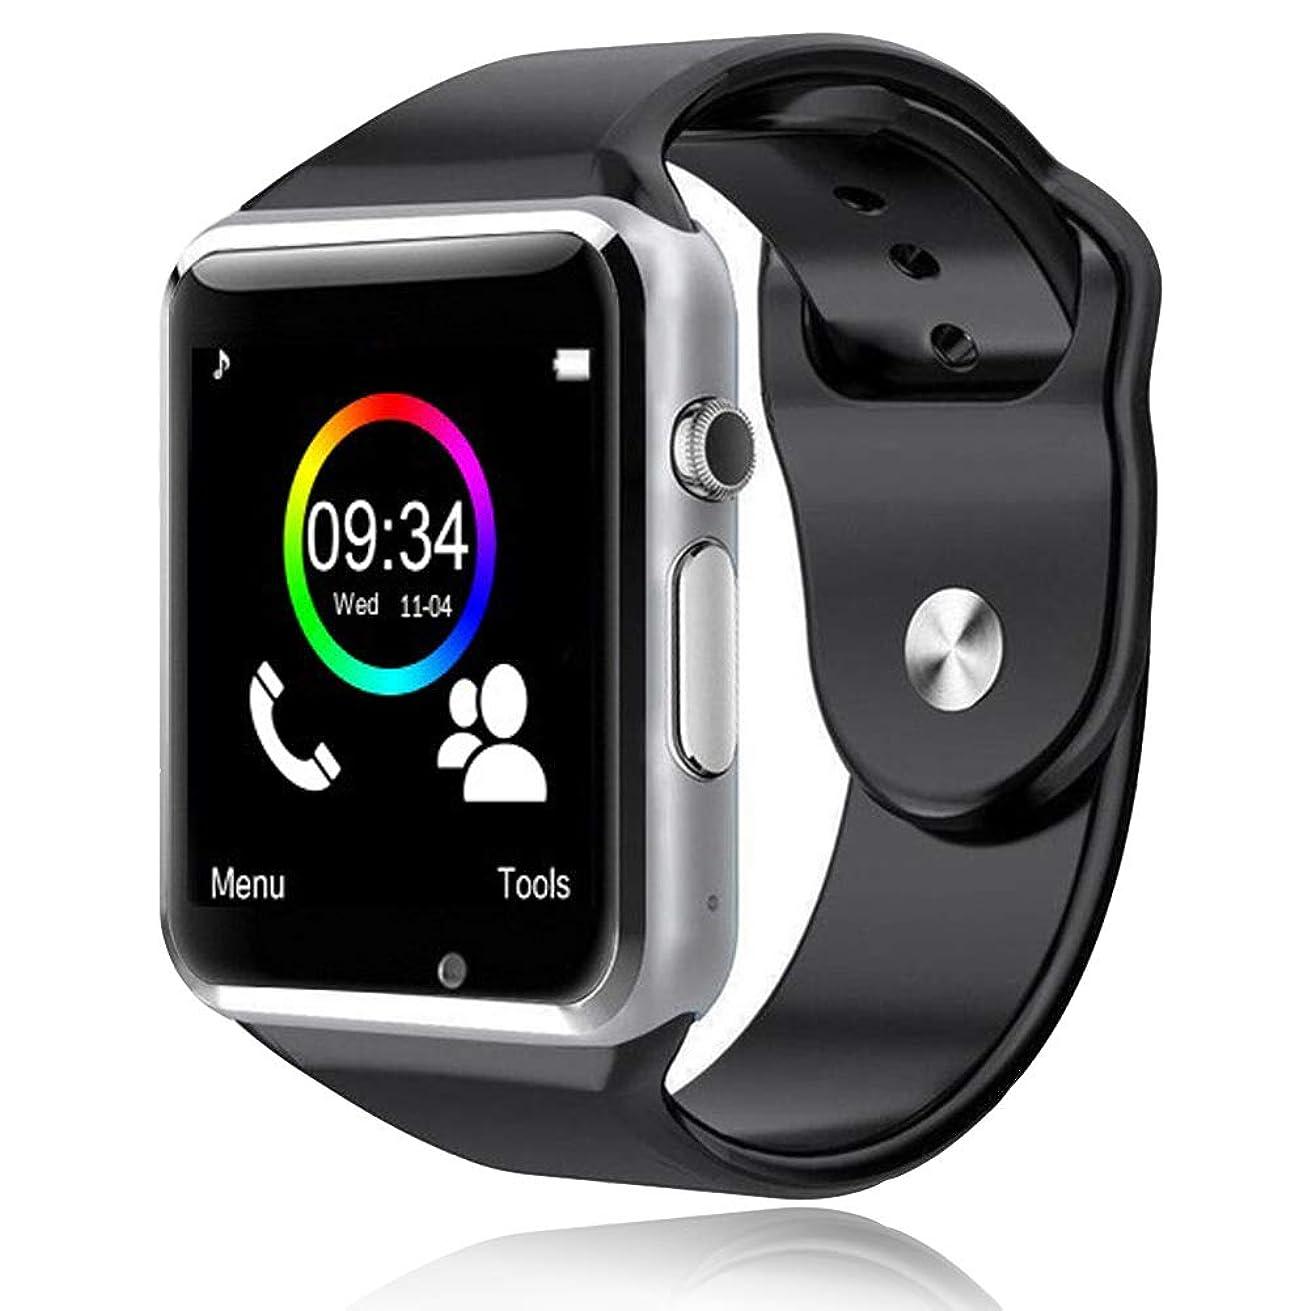 背景露出度の高い立方体スマートウォッチ 2020 smart watch スマートウォッチ通話機能付き bluetooth時計 活動量計 心拍計 歩数計 健康 スマートブレスレット 着信通知 子供用 腕時計 アラーム時計 日本語説明書付き